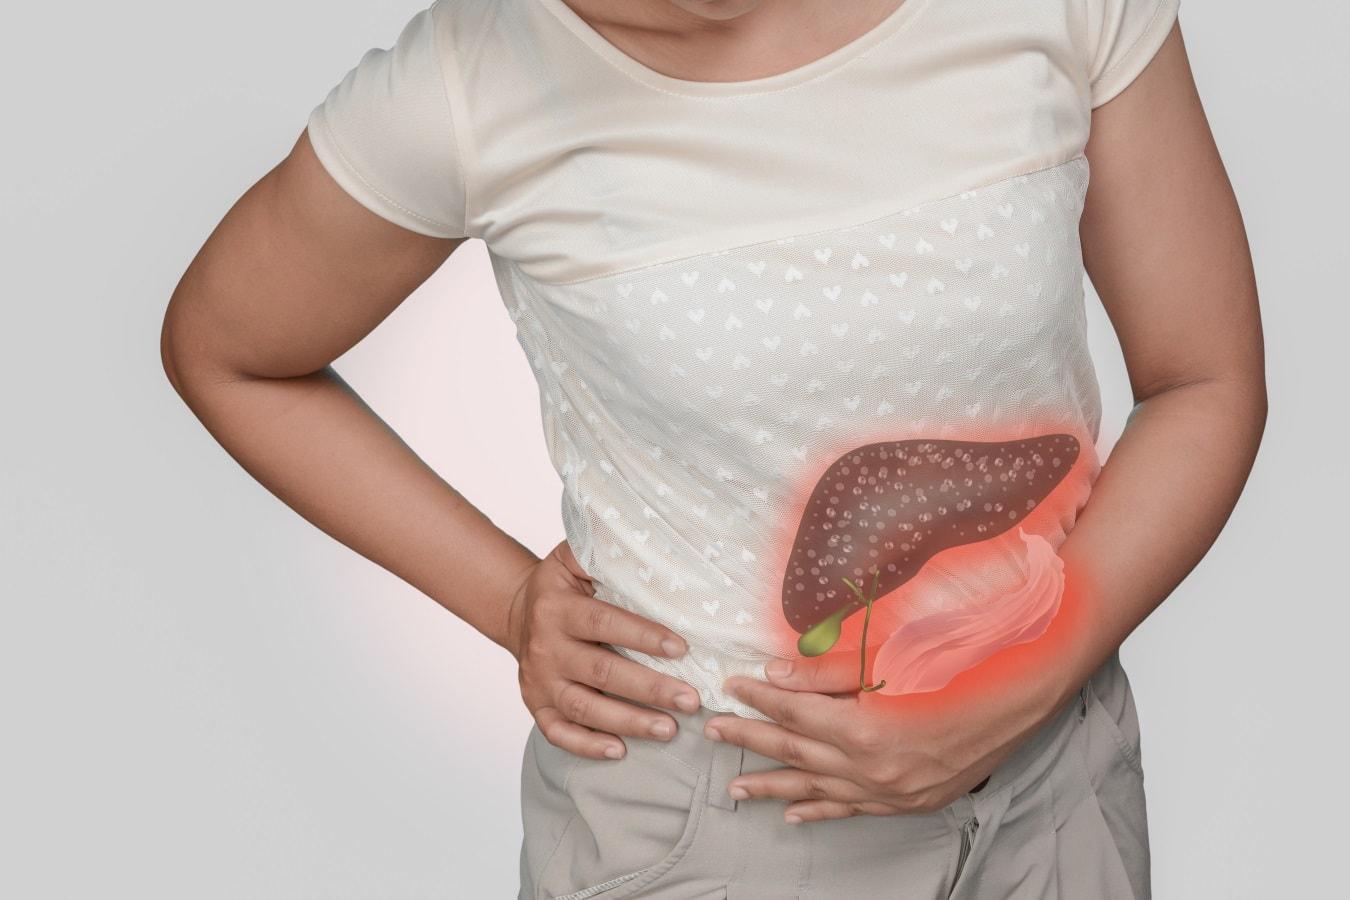 Жирная пища наносит необратимый вред печени